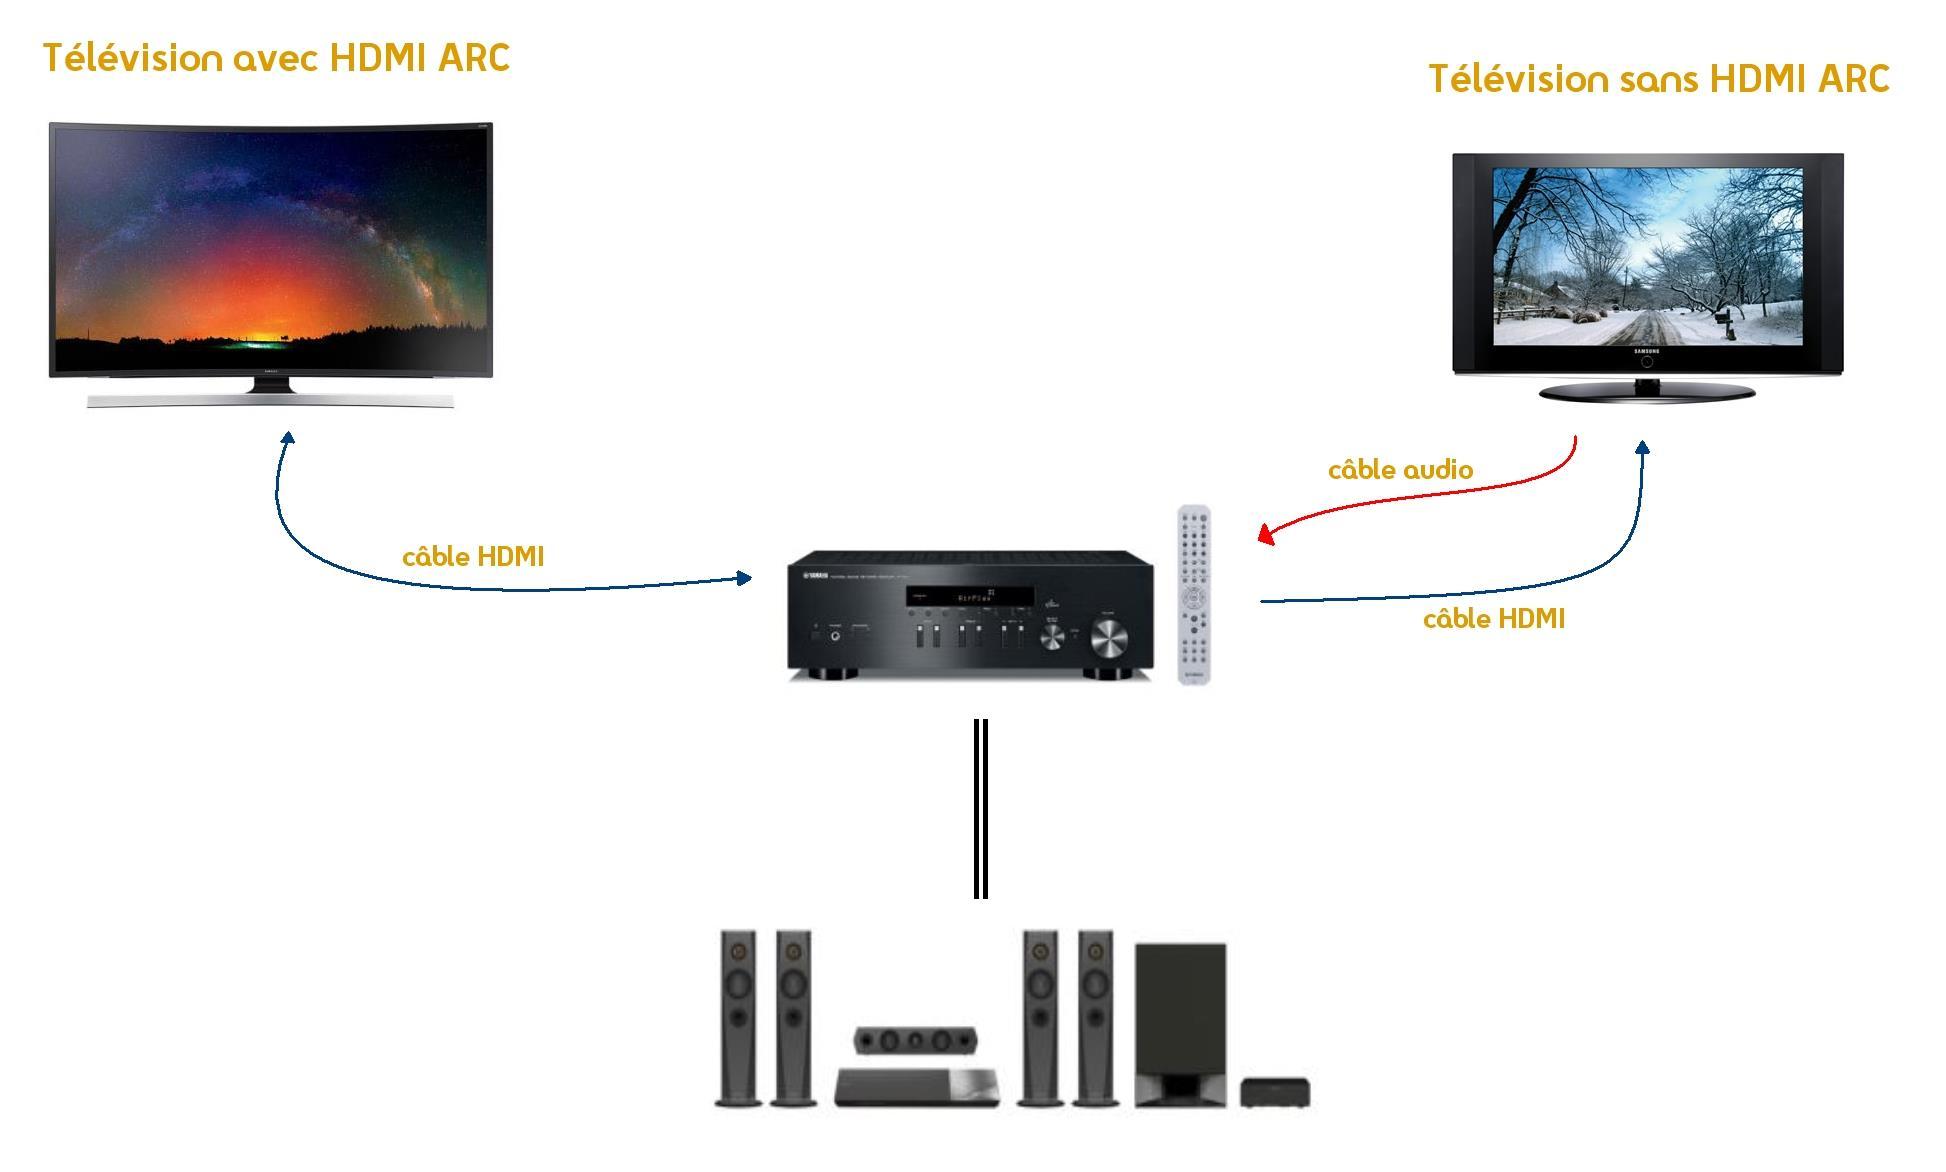 Hdmi arc cec et hec des fonctionnalit s ultra pratiques - Comment rallonger un cable tv ...